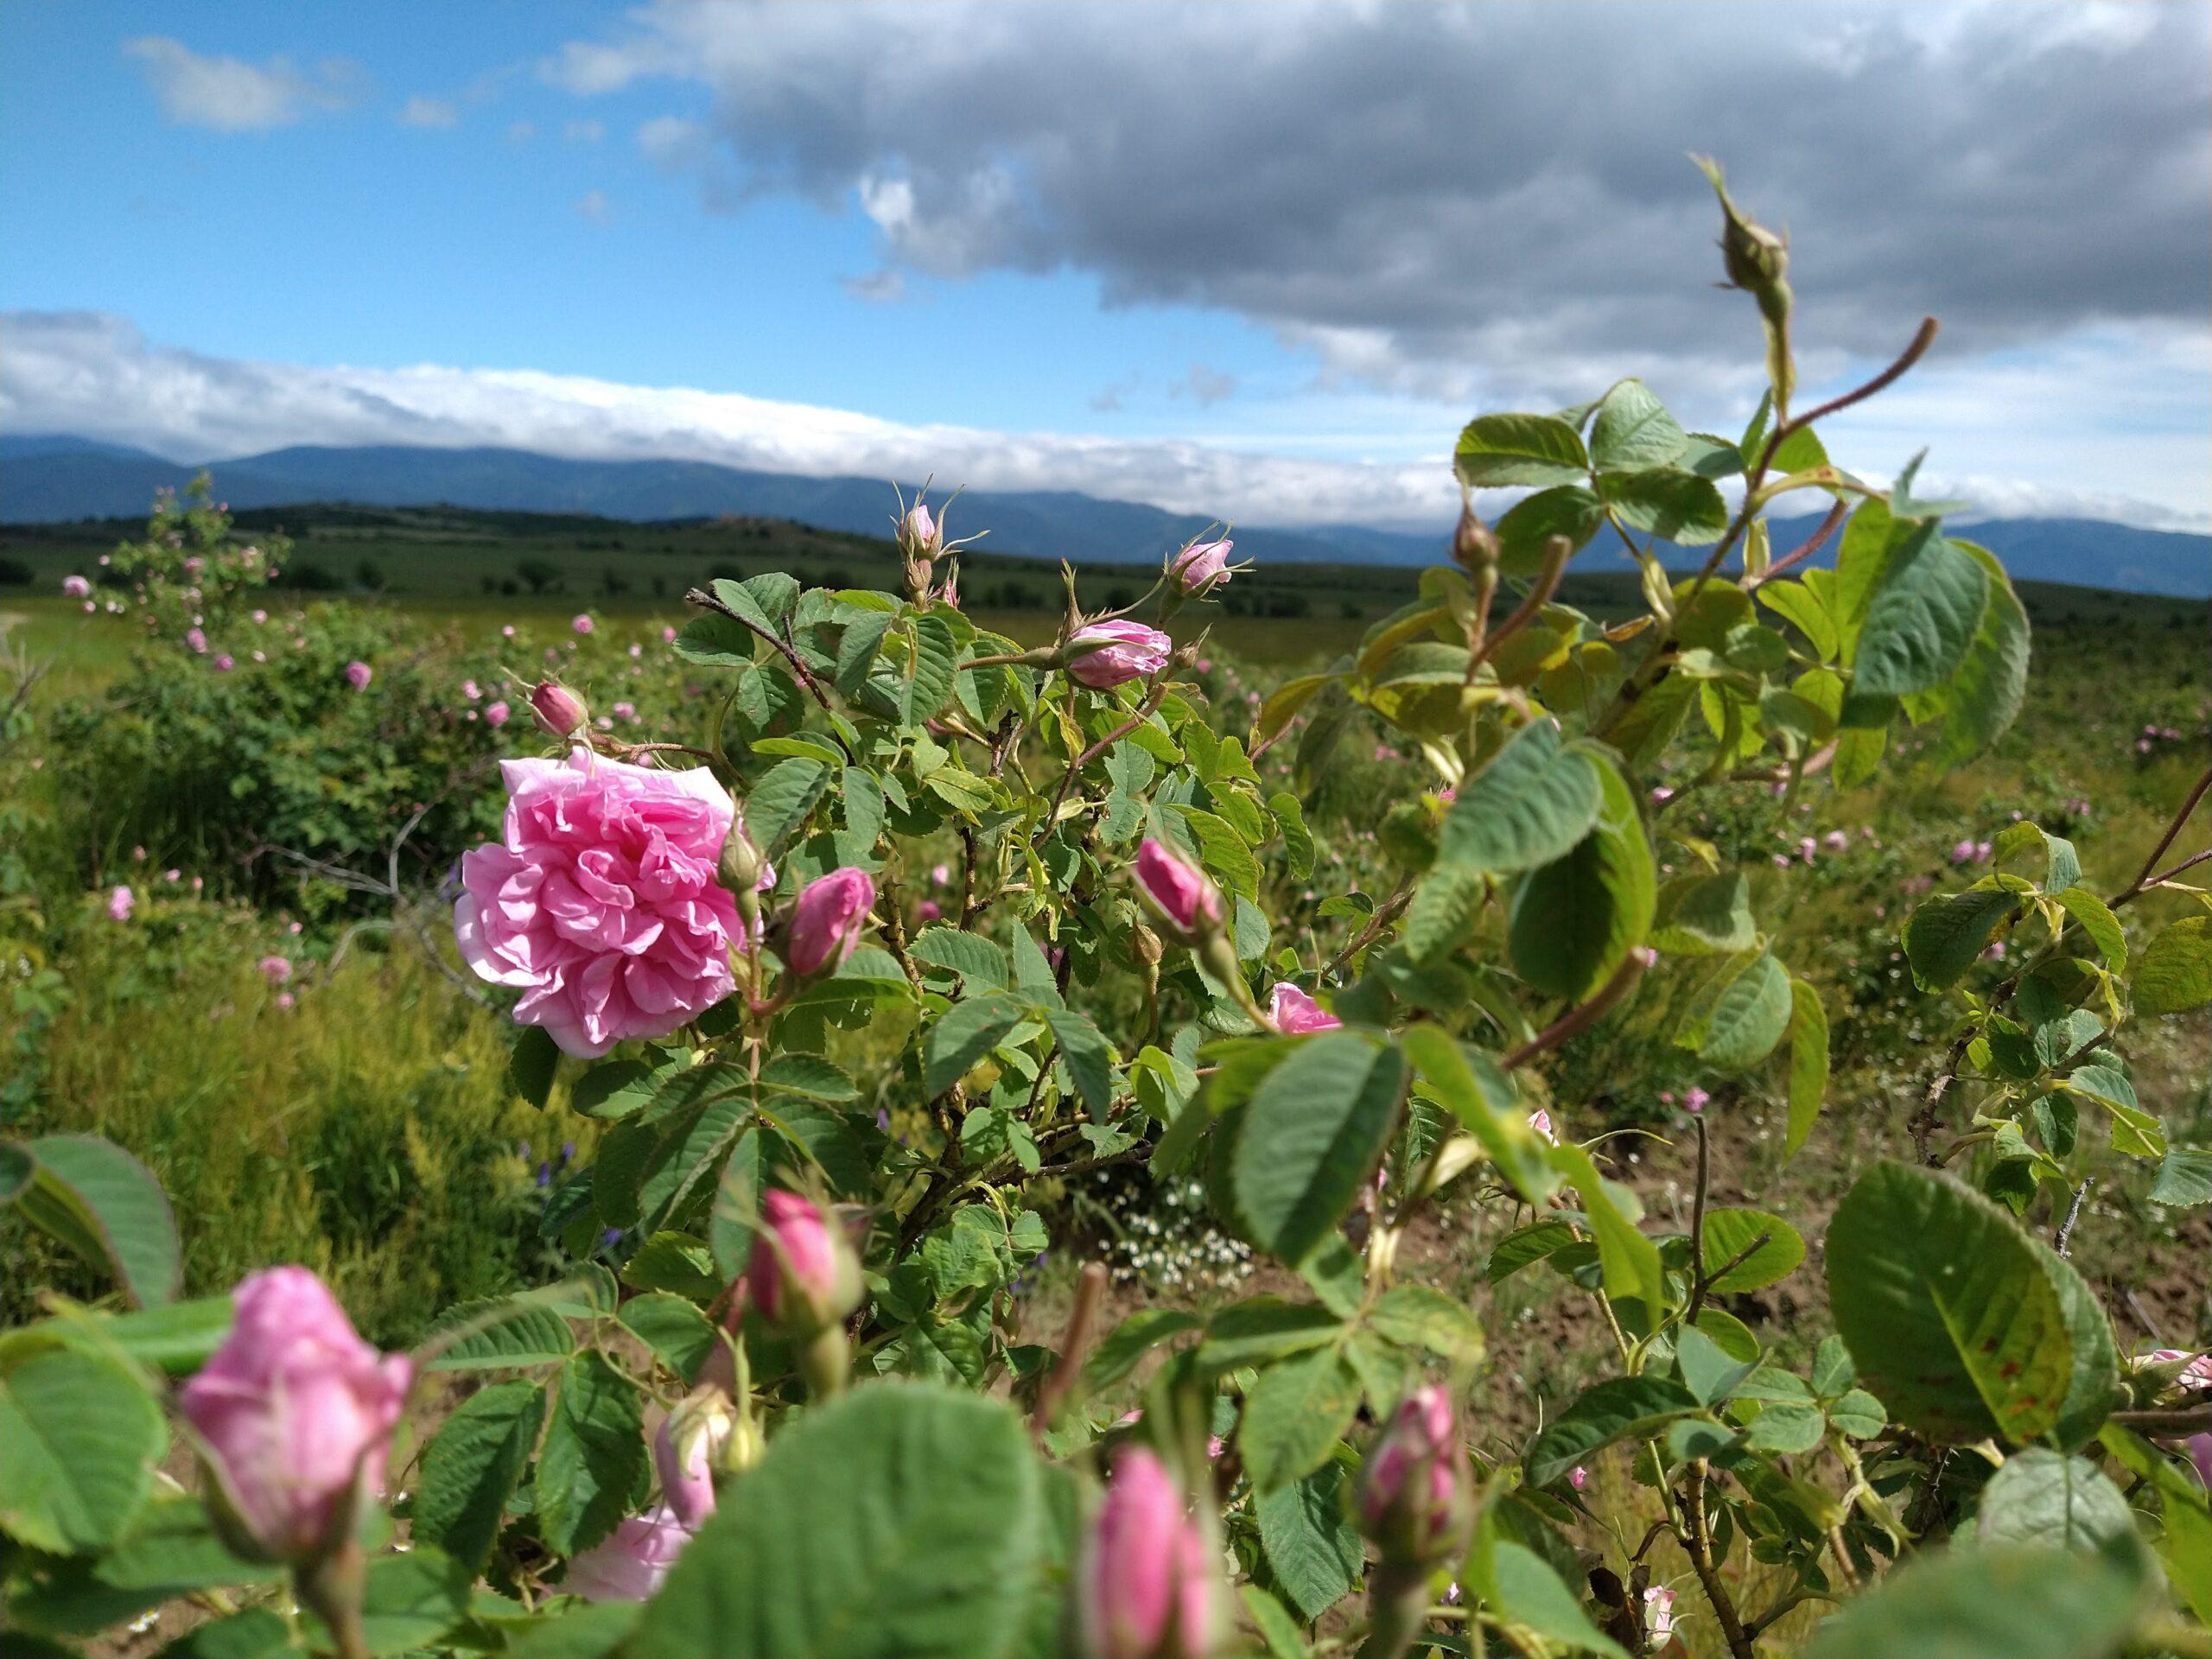 Blooming Rosa Damascena